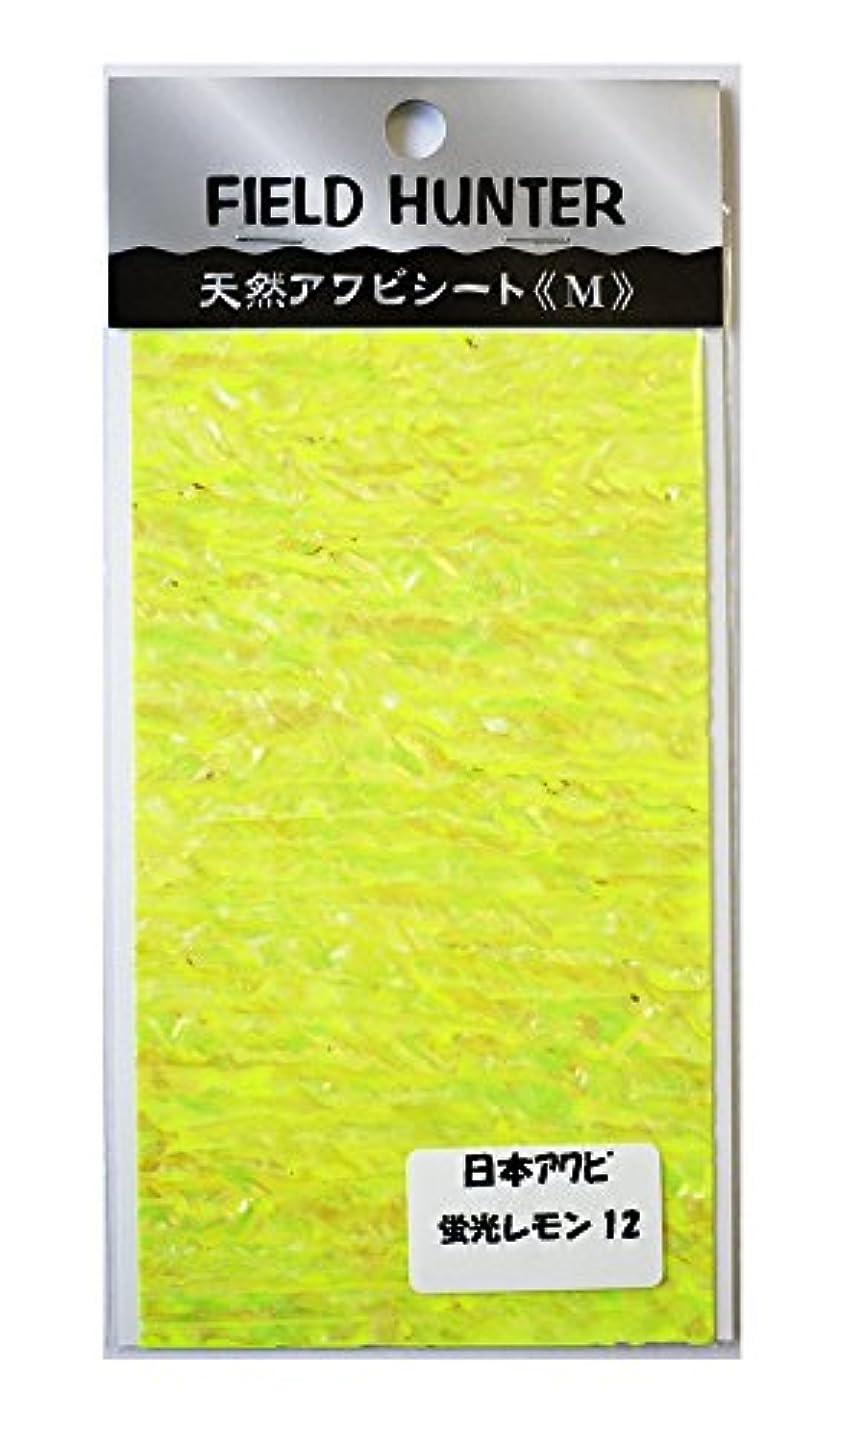 持ってる野菜遺棄されたフィールドハンター アワビシート M 日本 蛍光レモン.